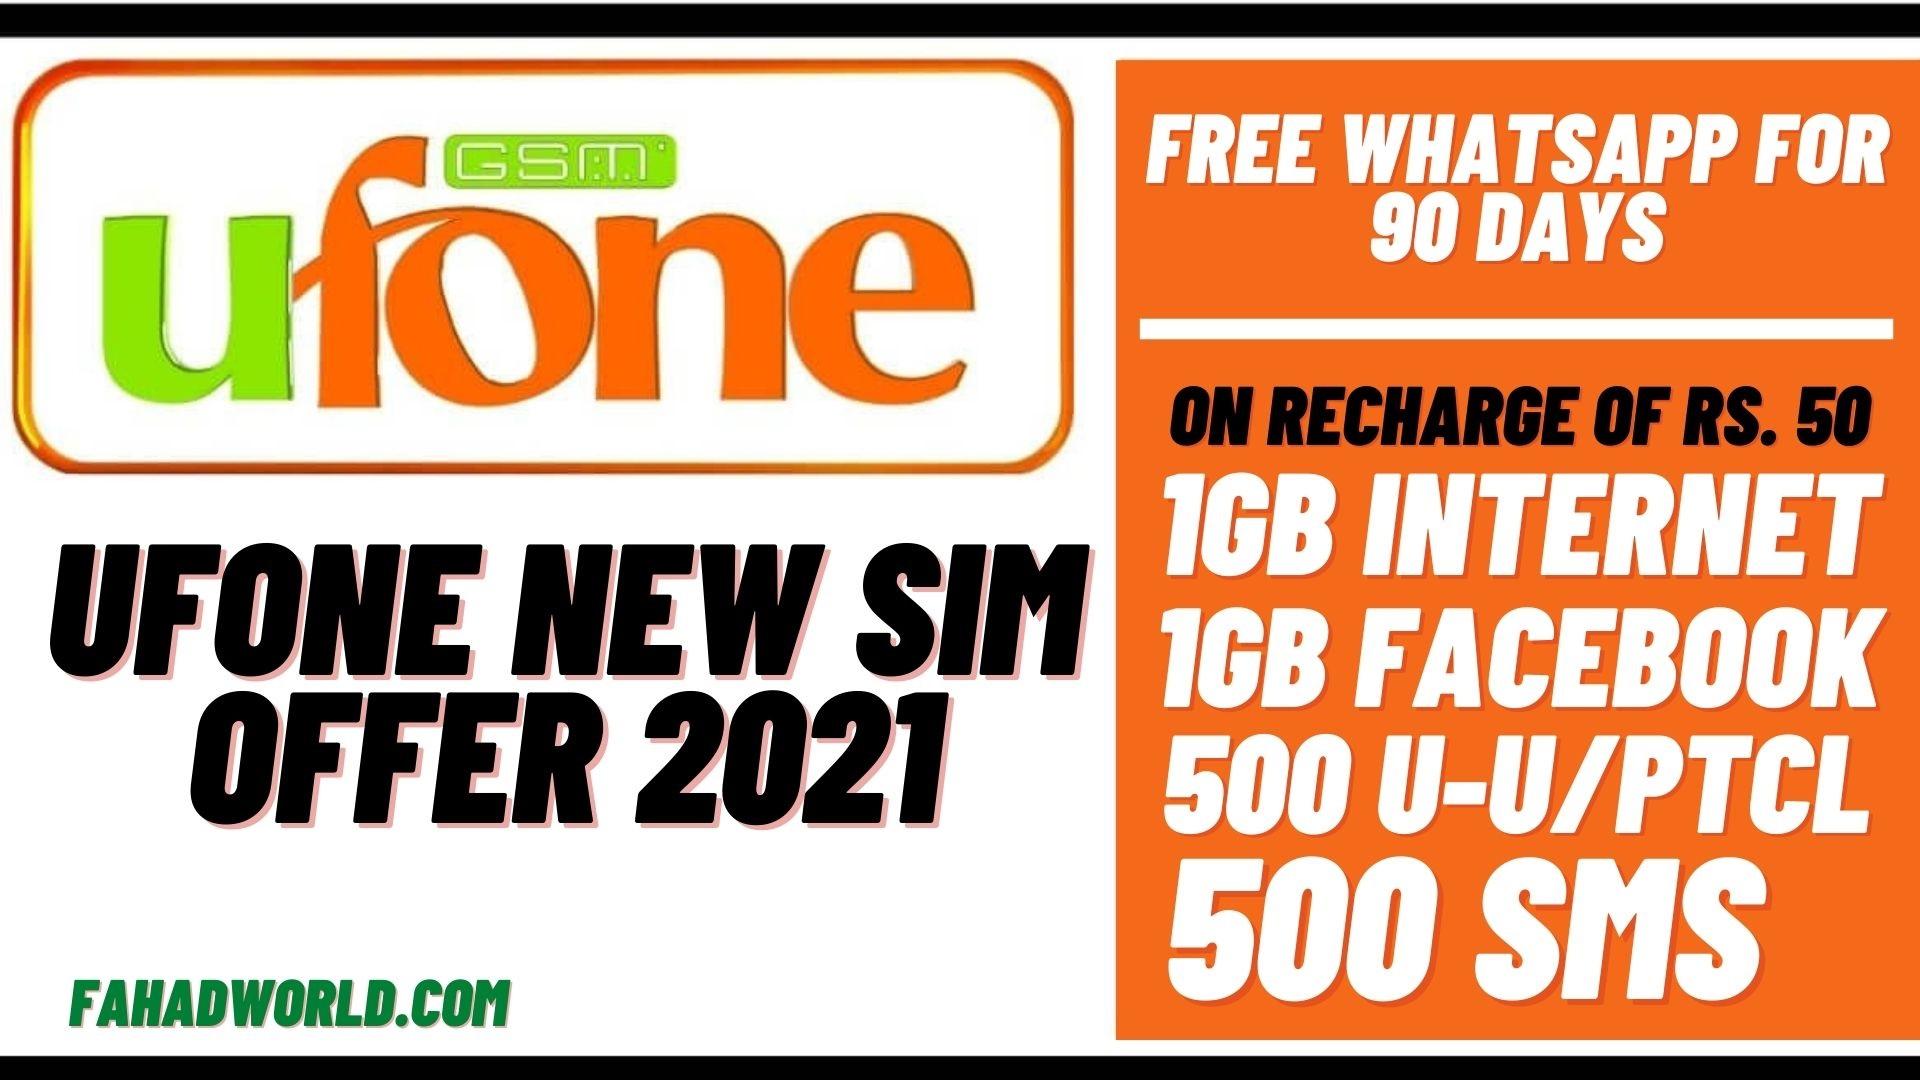 ufone new sim offer